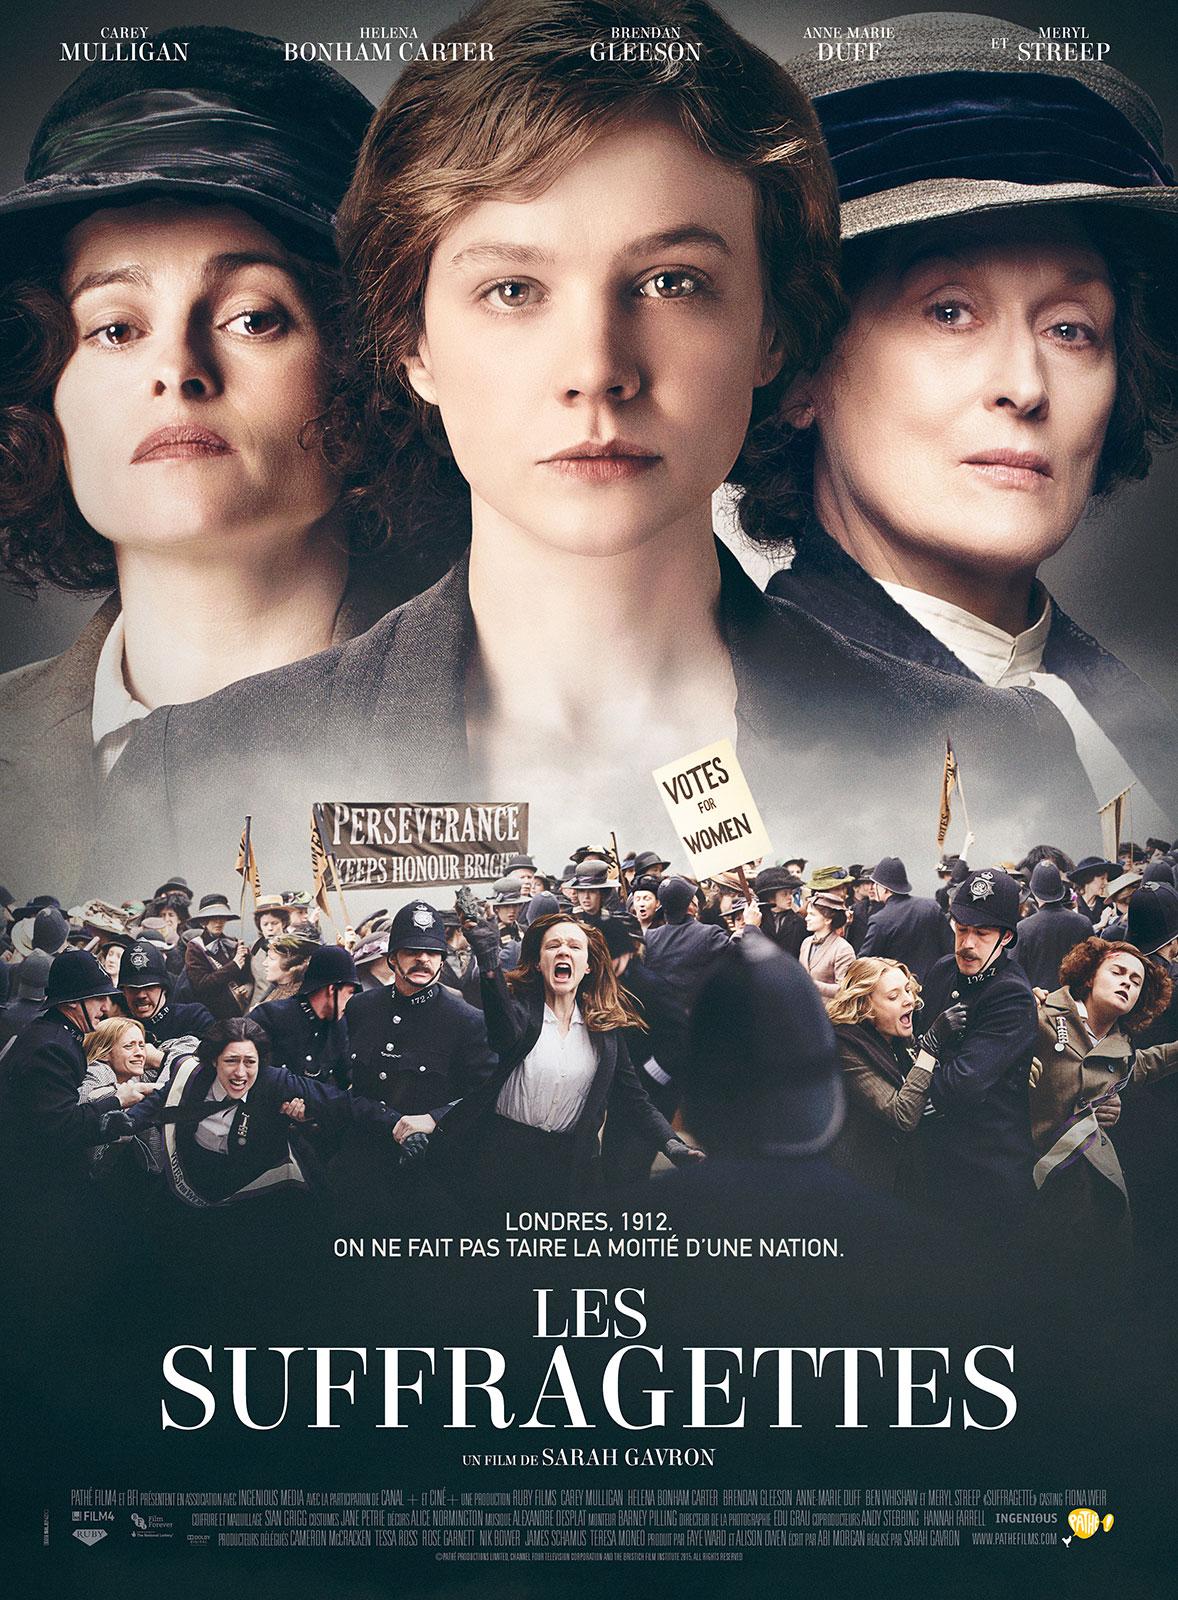 Les Suffragettes ddl